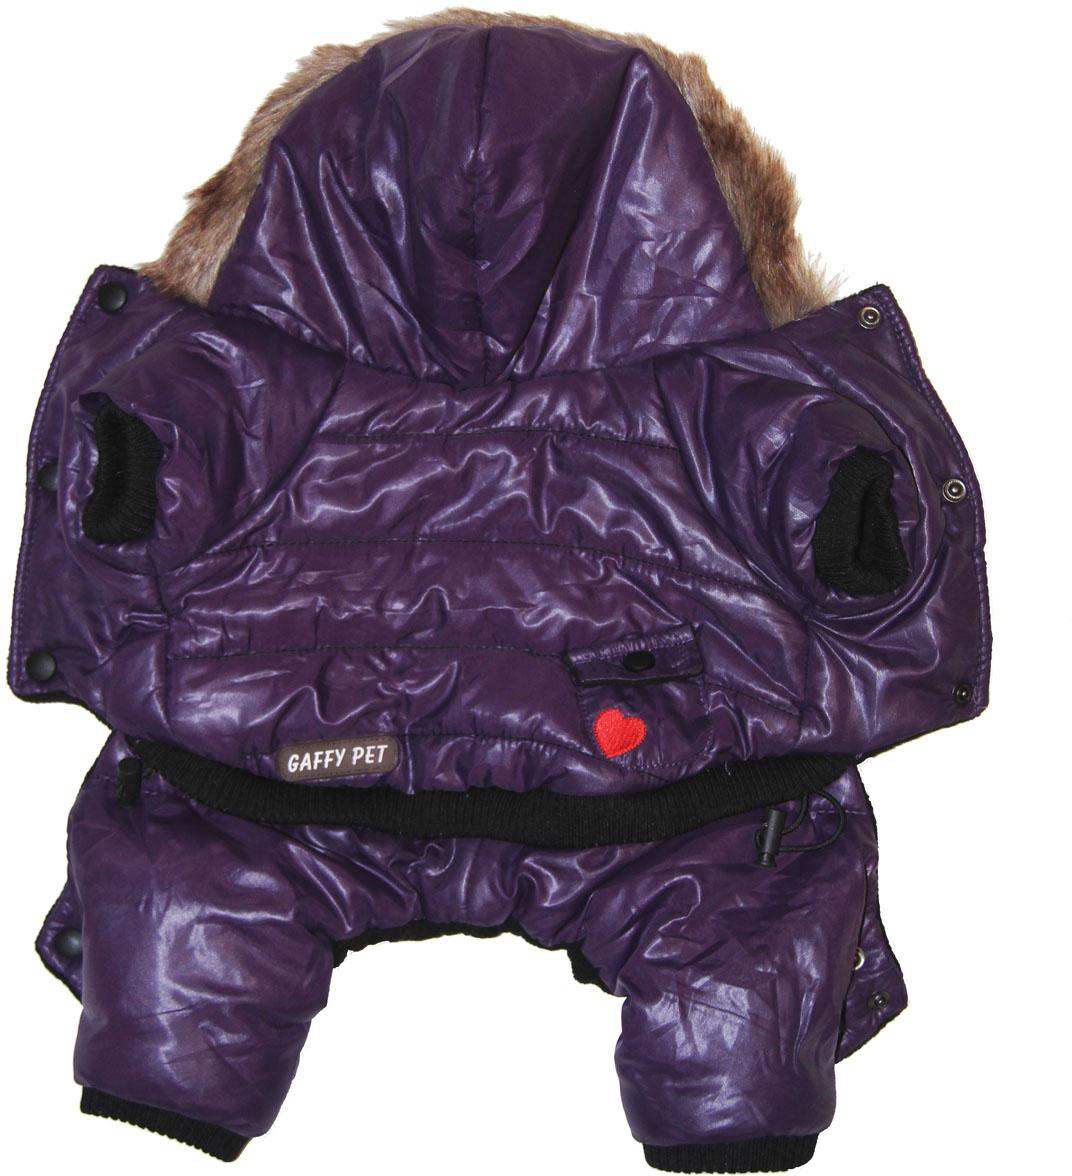 """Комбинезон для собак Gaffy Pet """"Heart"""", зимний, для мальчика, цвет: фиолетовый. Размер S"""